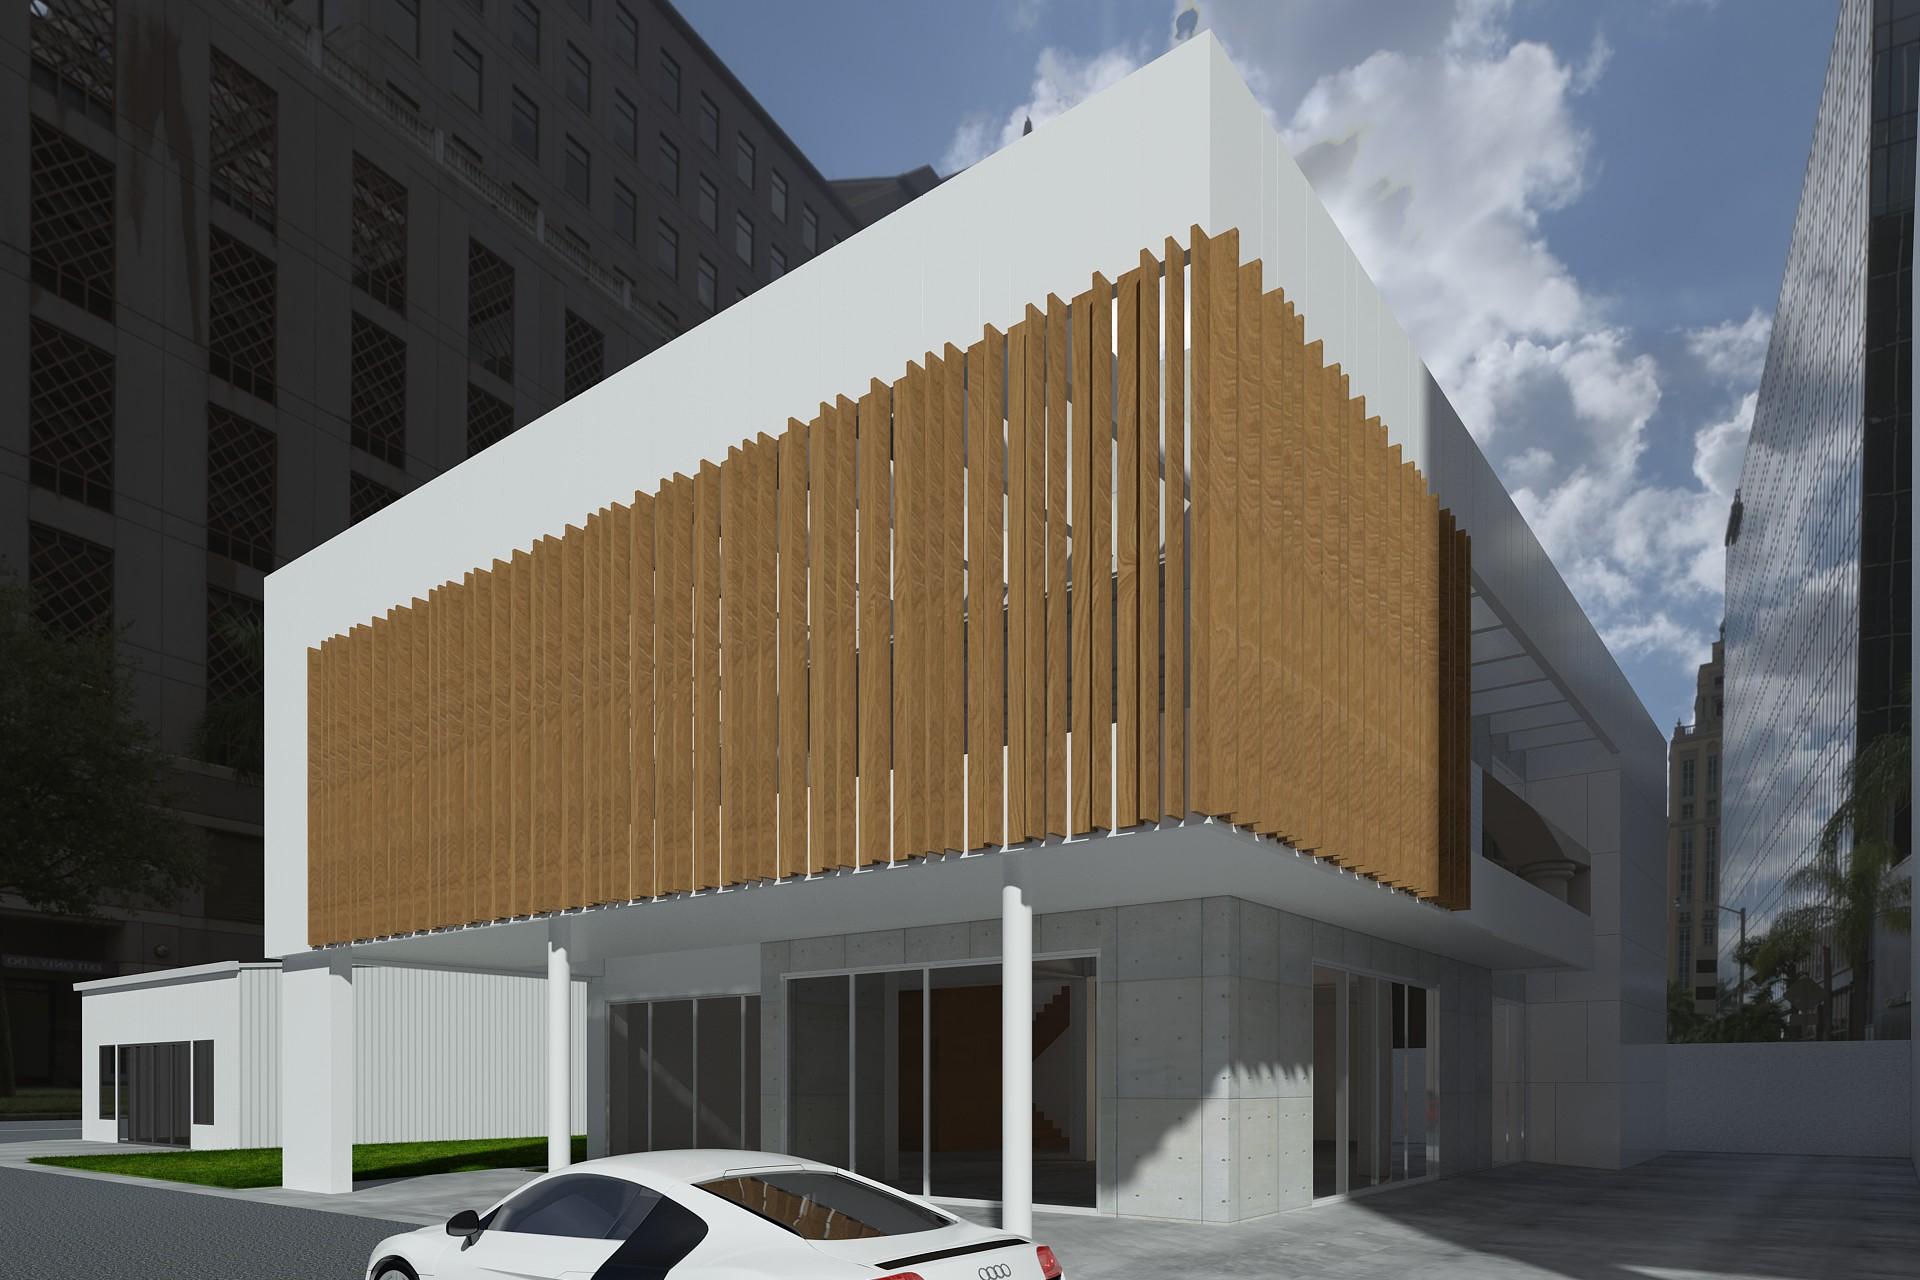 辦公室規劃設計,office design,商空設計,室內設計,自地自建規畫,建築設計,外觀設計